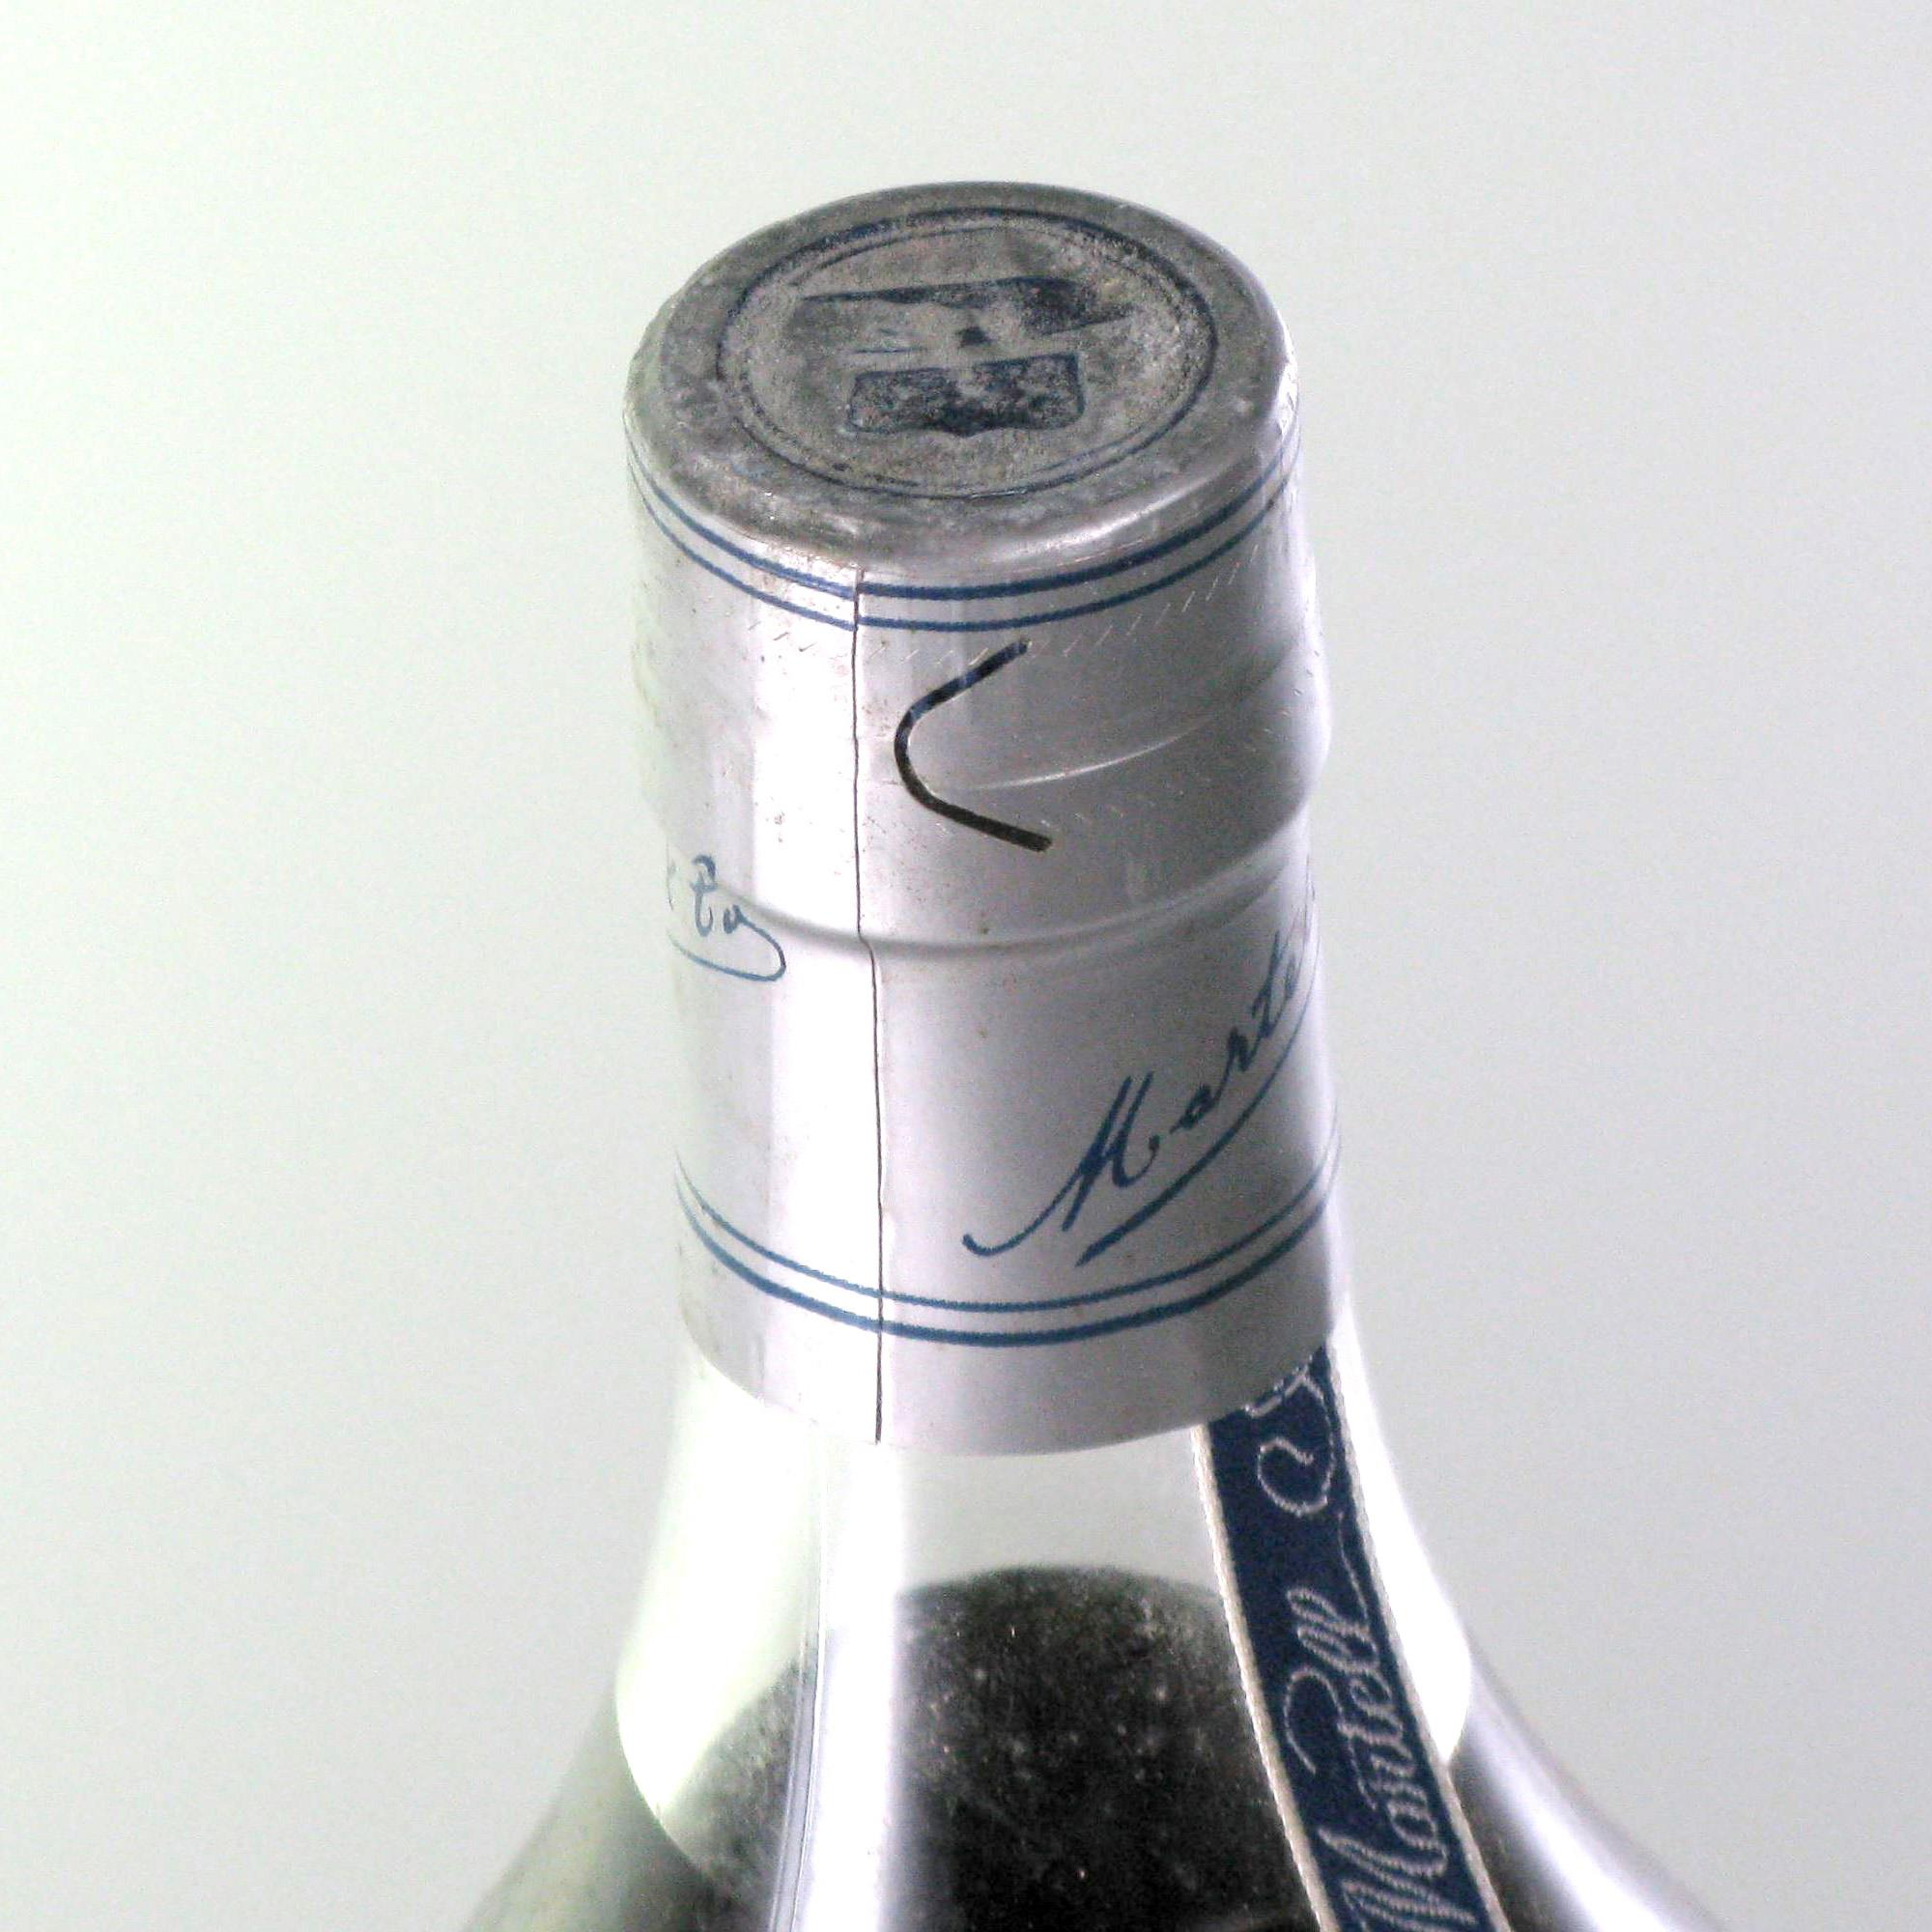 Cognac Martell Cordon Bleu 1990s